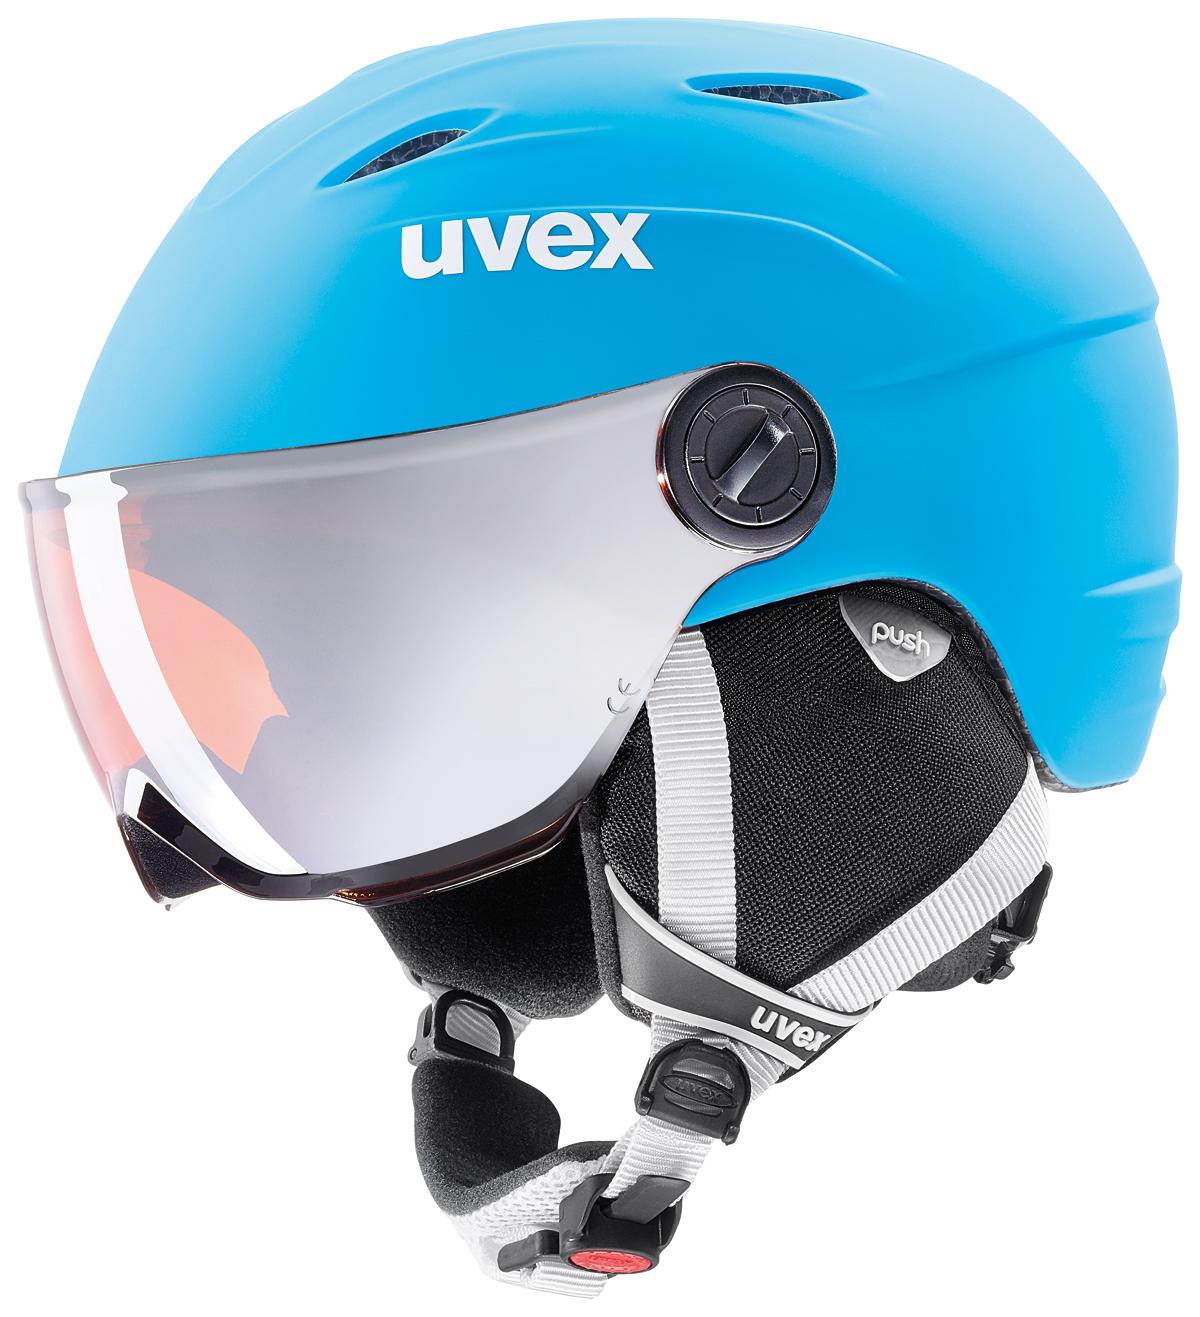 UVEX JUNIOR VISOR PRO liteblue-white mat S566191410 17/18 54-56 cm